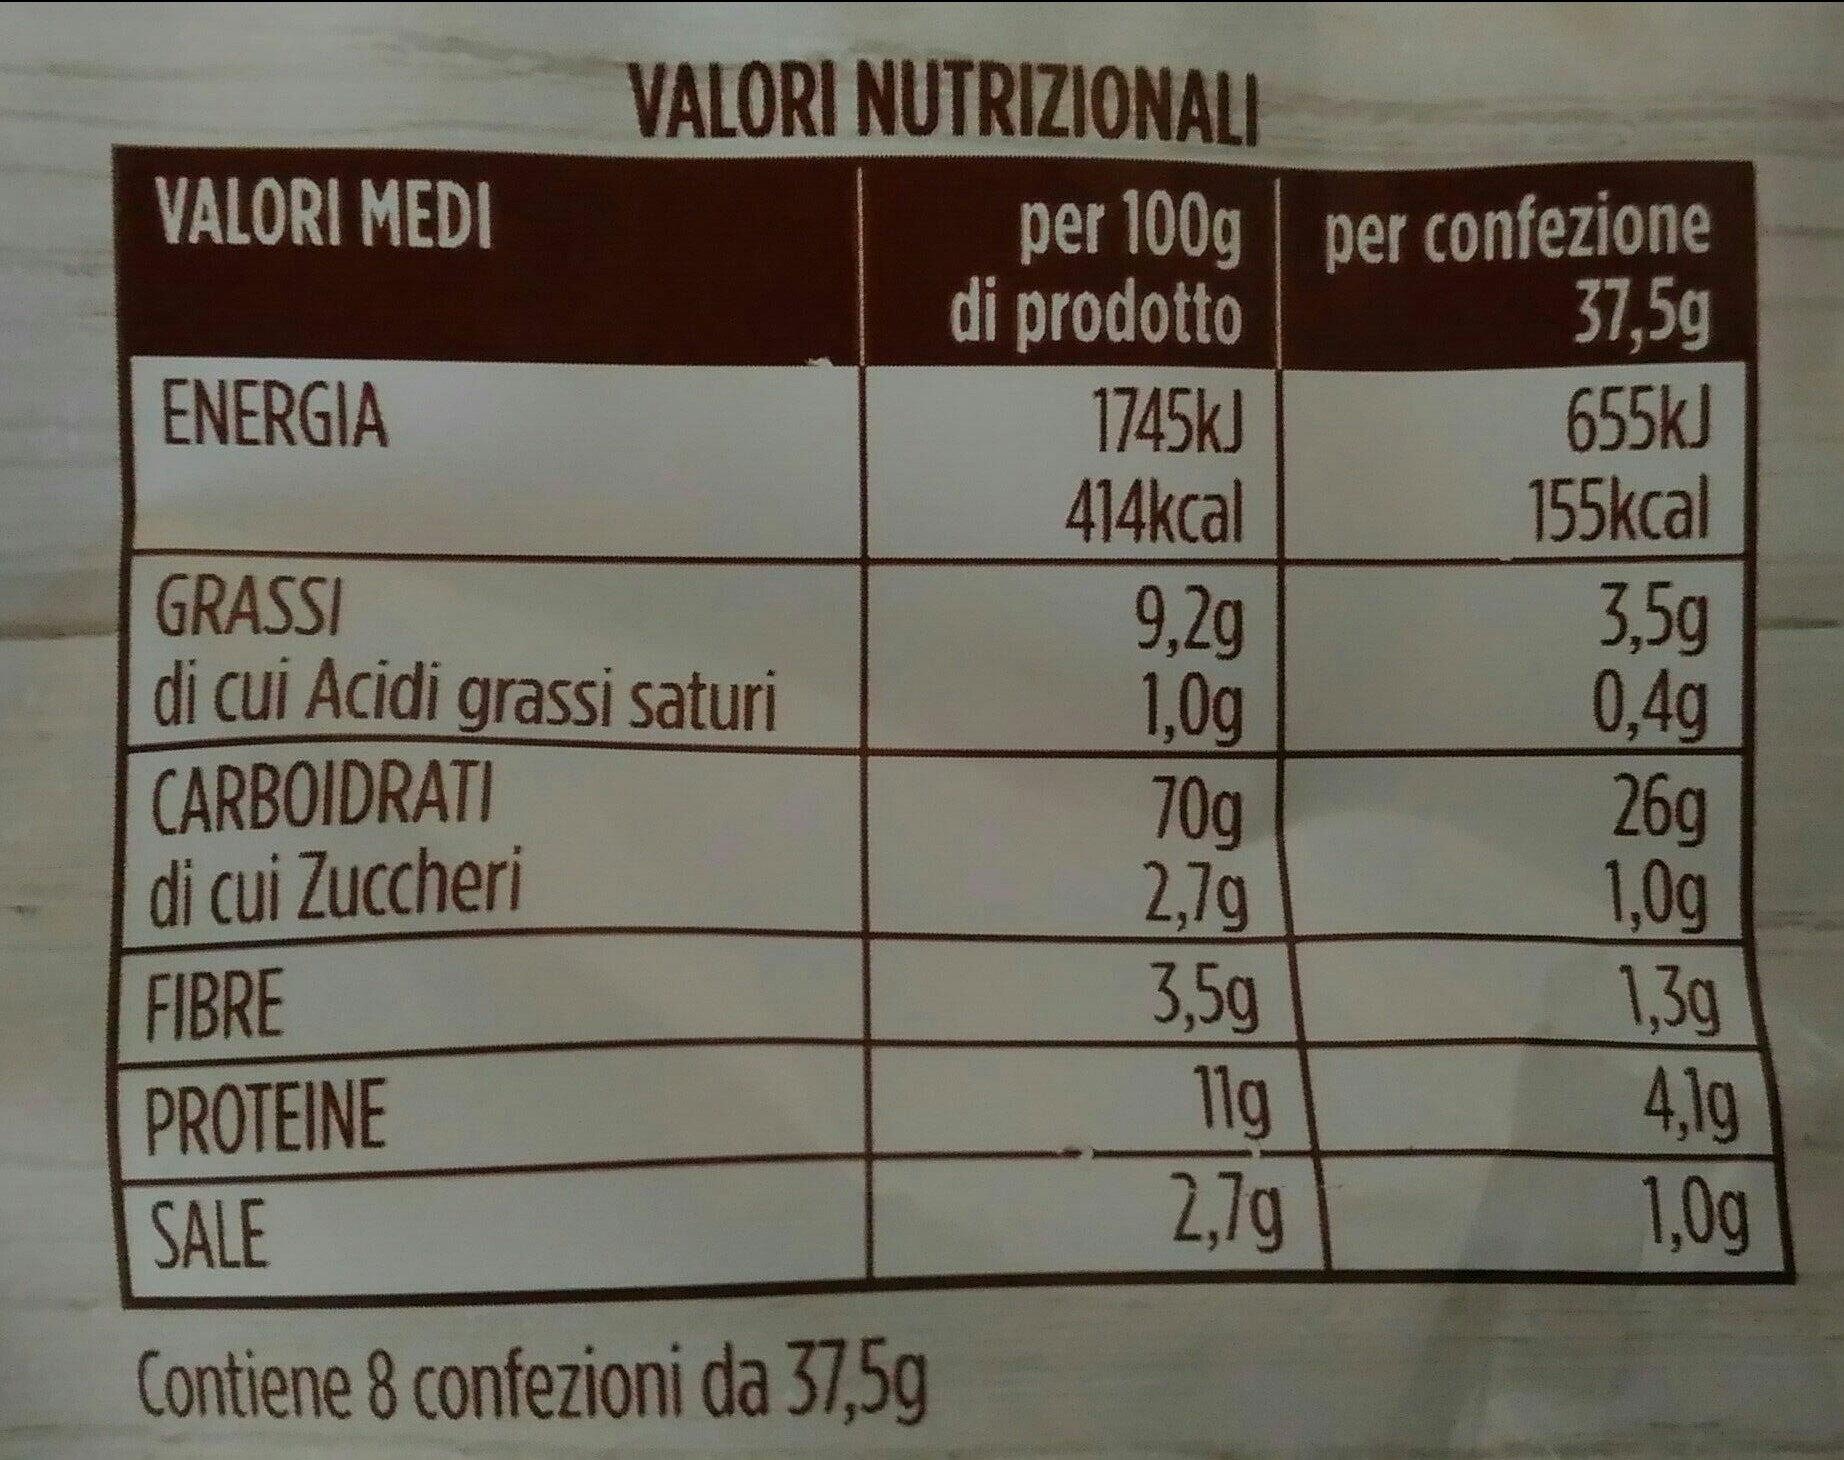 schiacciatine al rosmarino - Voedingswaarden - it